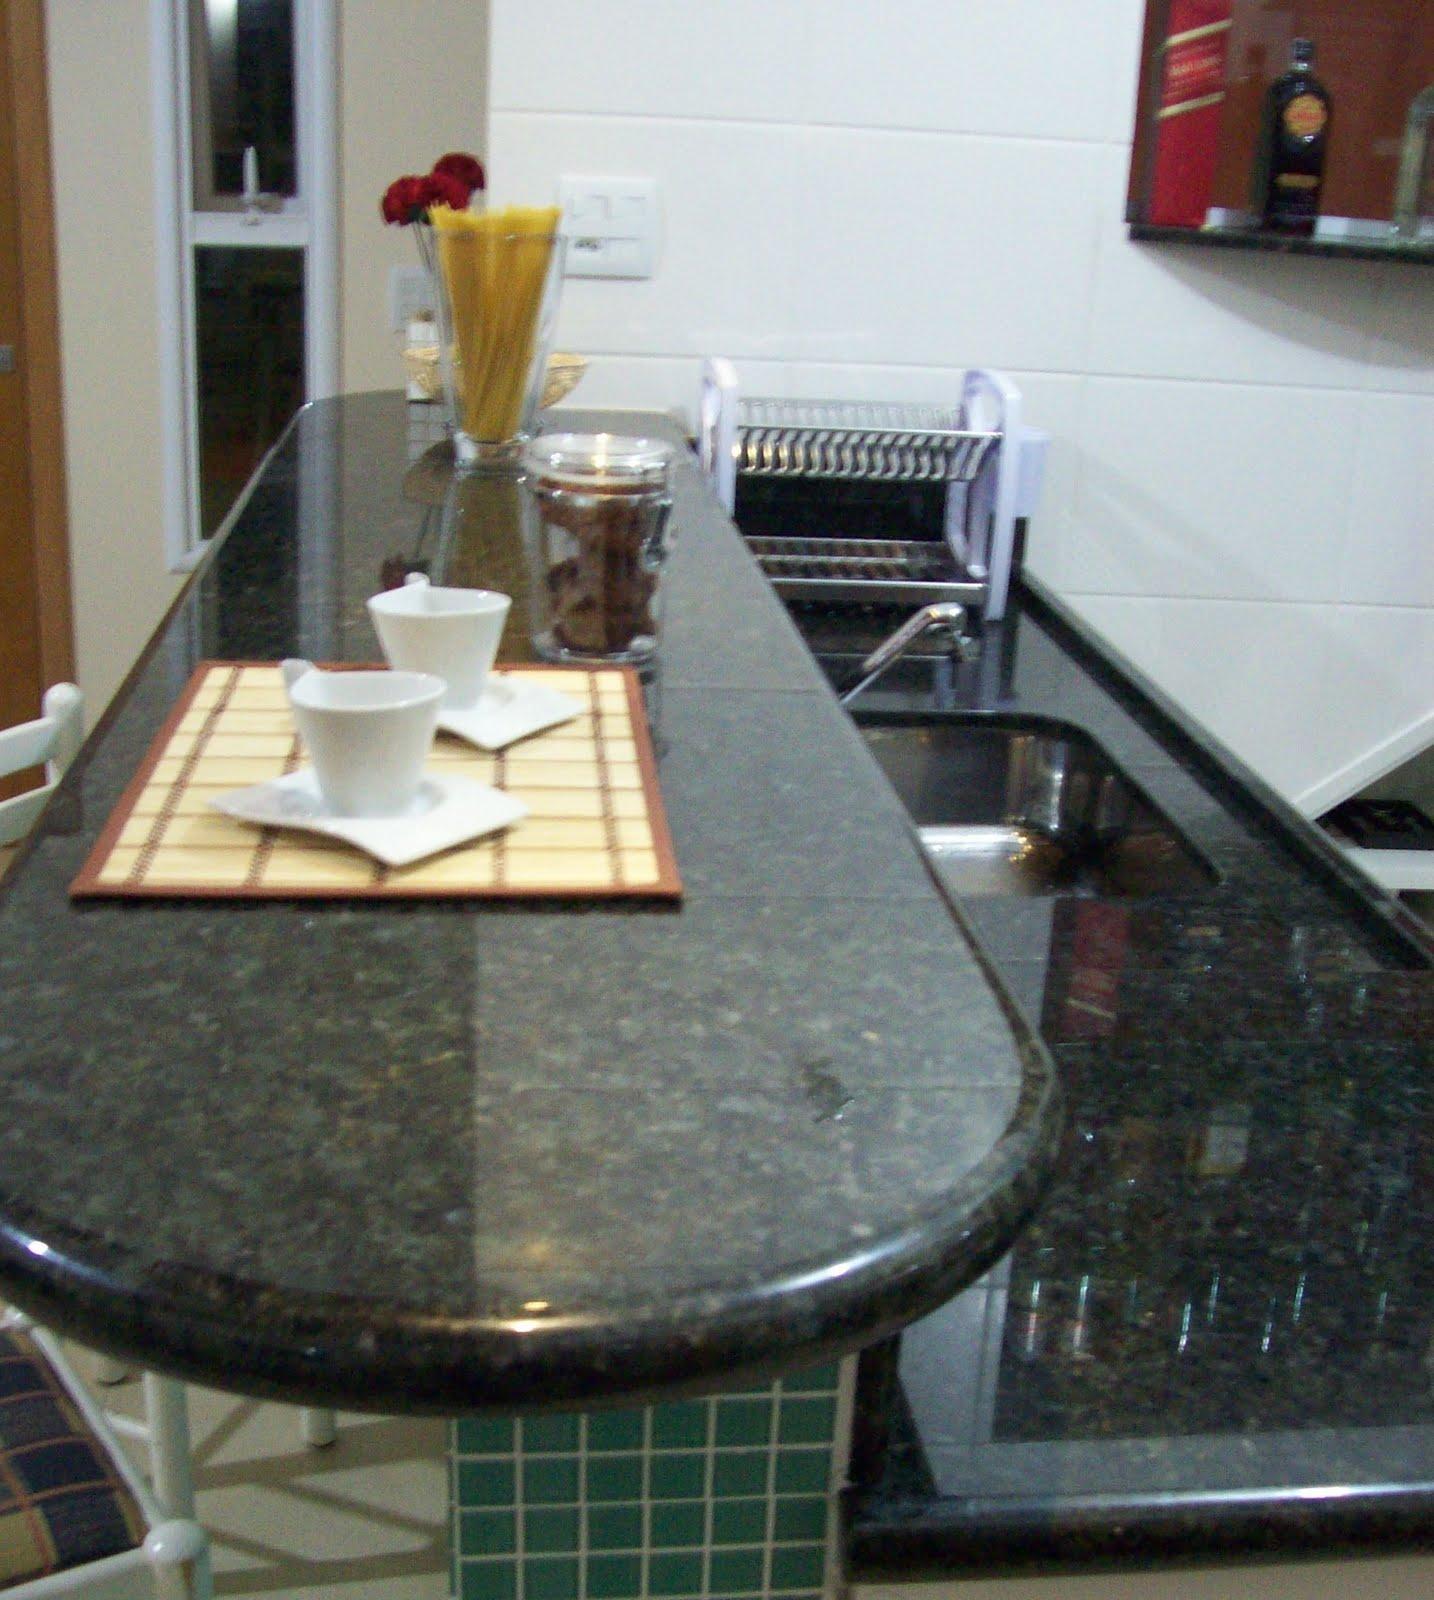 #65402E 28 de abril de 2010 1434x1600 px Balcão Para Cozinha Americana De Marmore_2163 Imagens